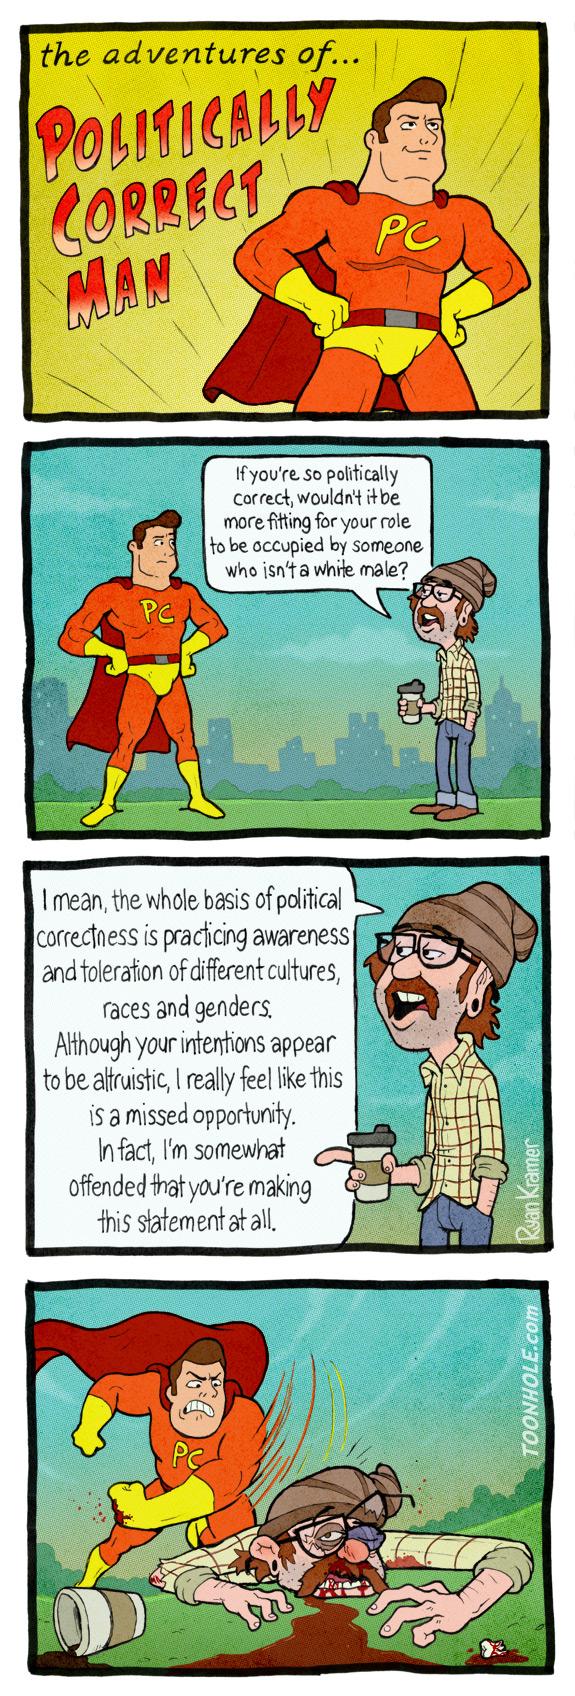 Politically Correct Man